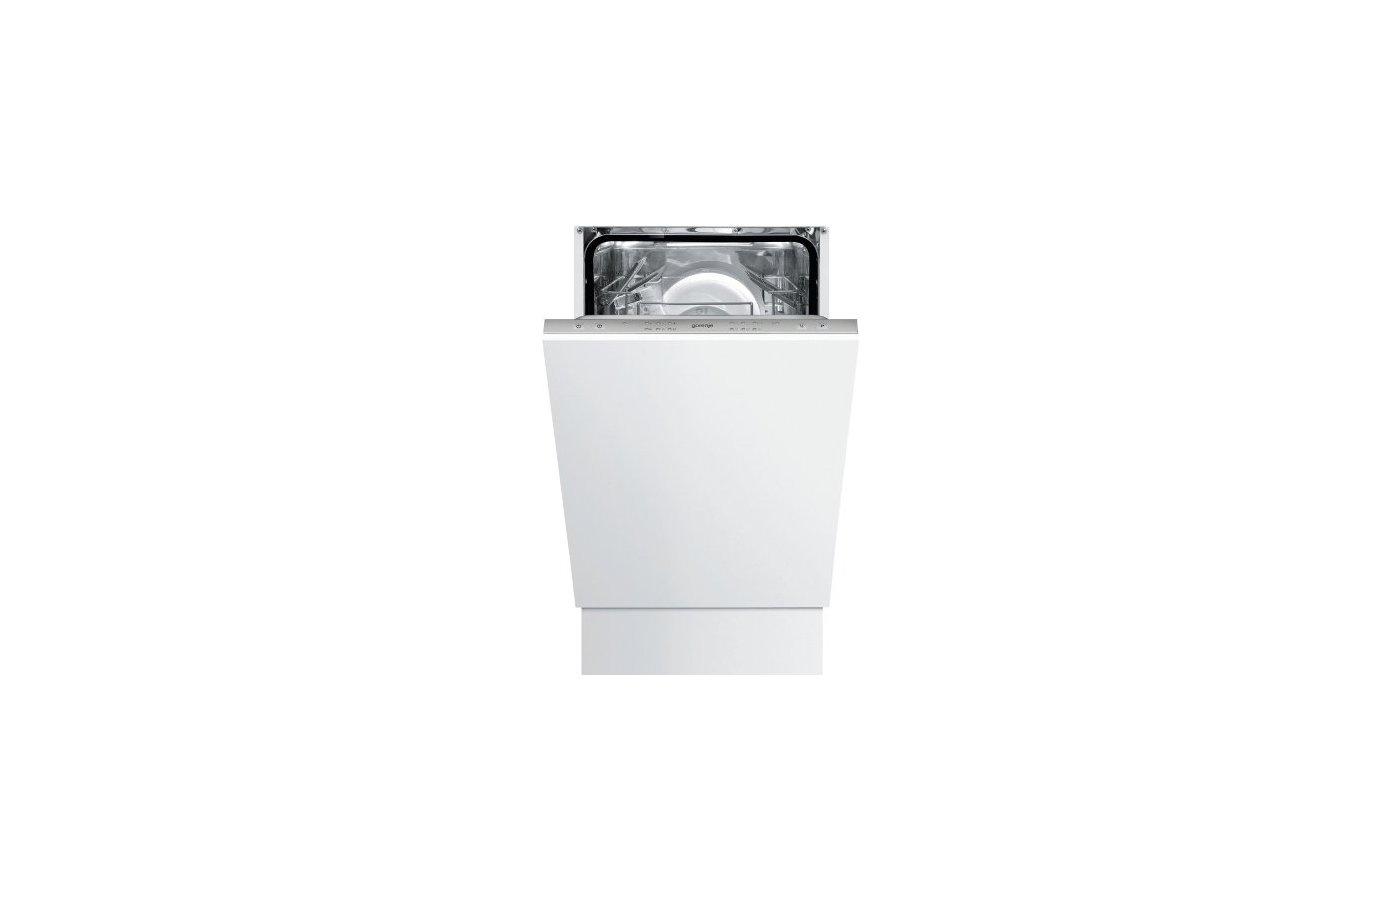 Посудомоечная машина GORENJE GV 51212